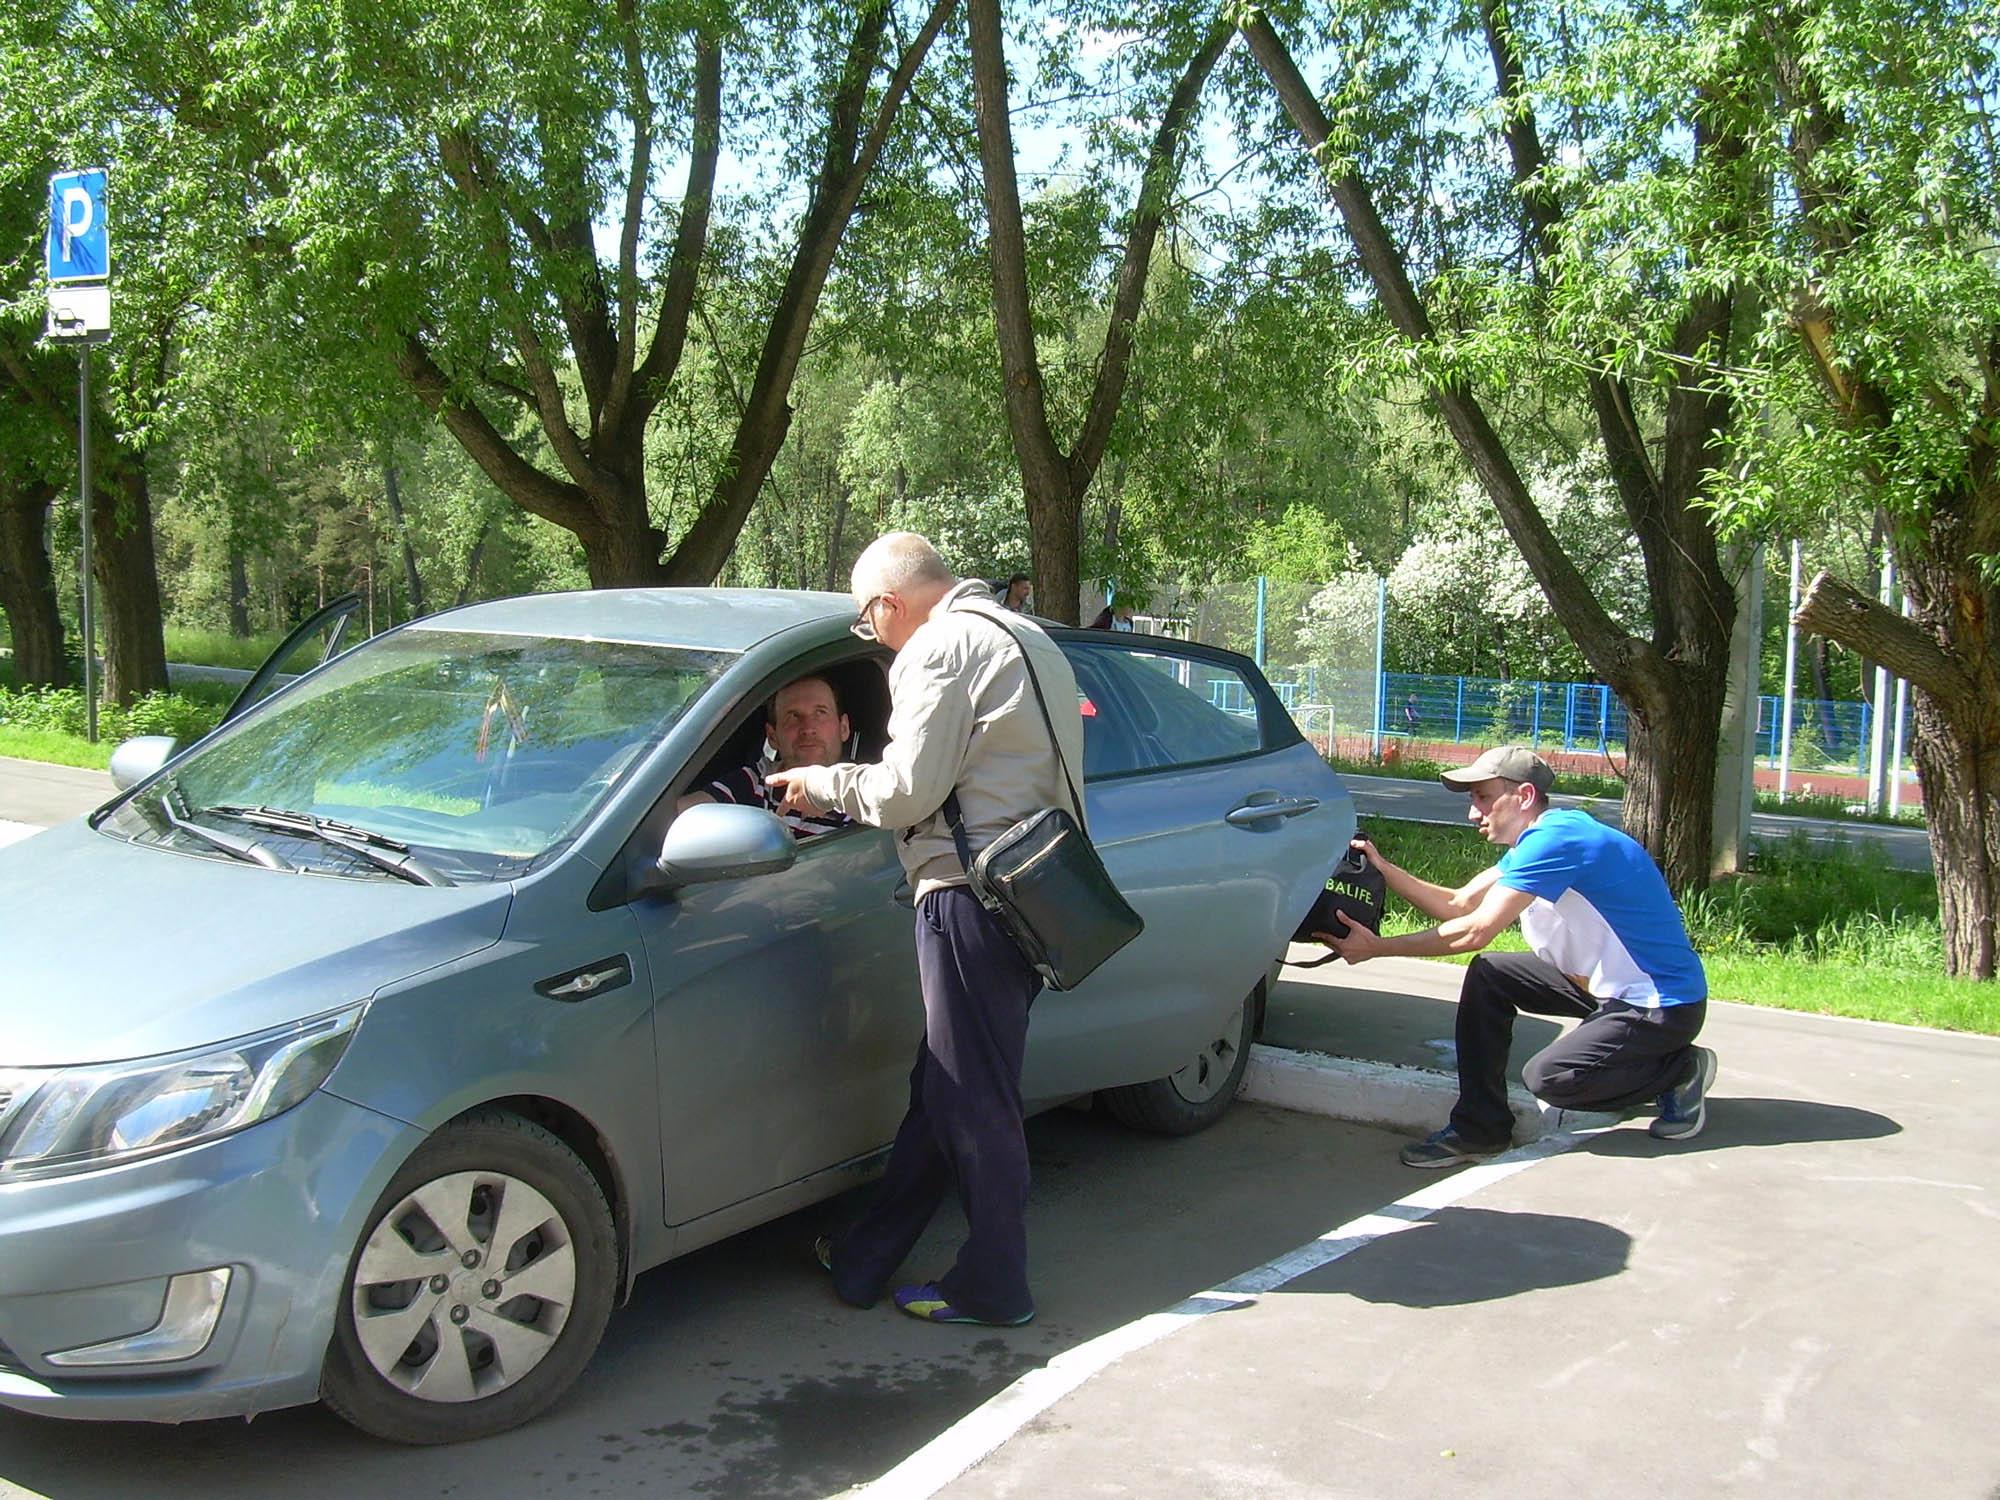 Сообщник заговаривает с водителем, а барсеточник крадет сумку с деньгами. Украсть можно и со стороны водителя: увлеченный разговором, тот не смотрит в зеркало заднего вида